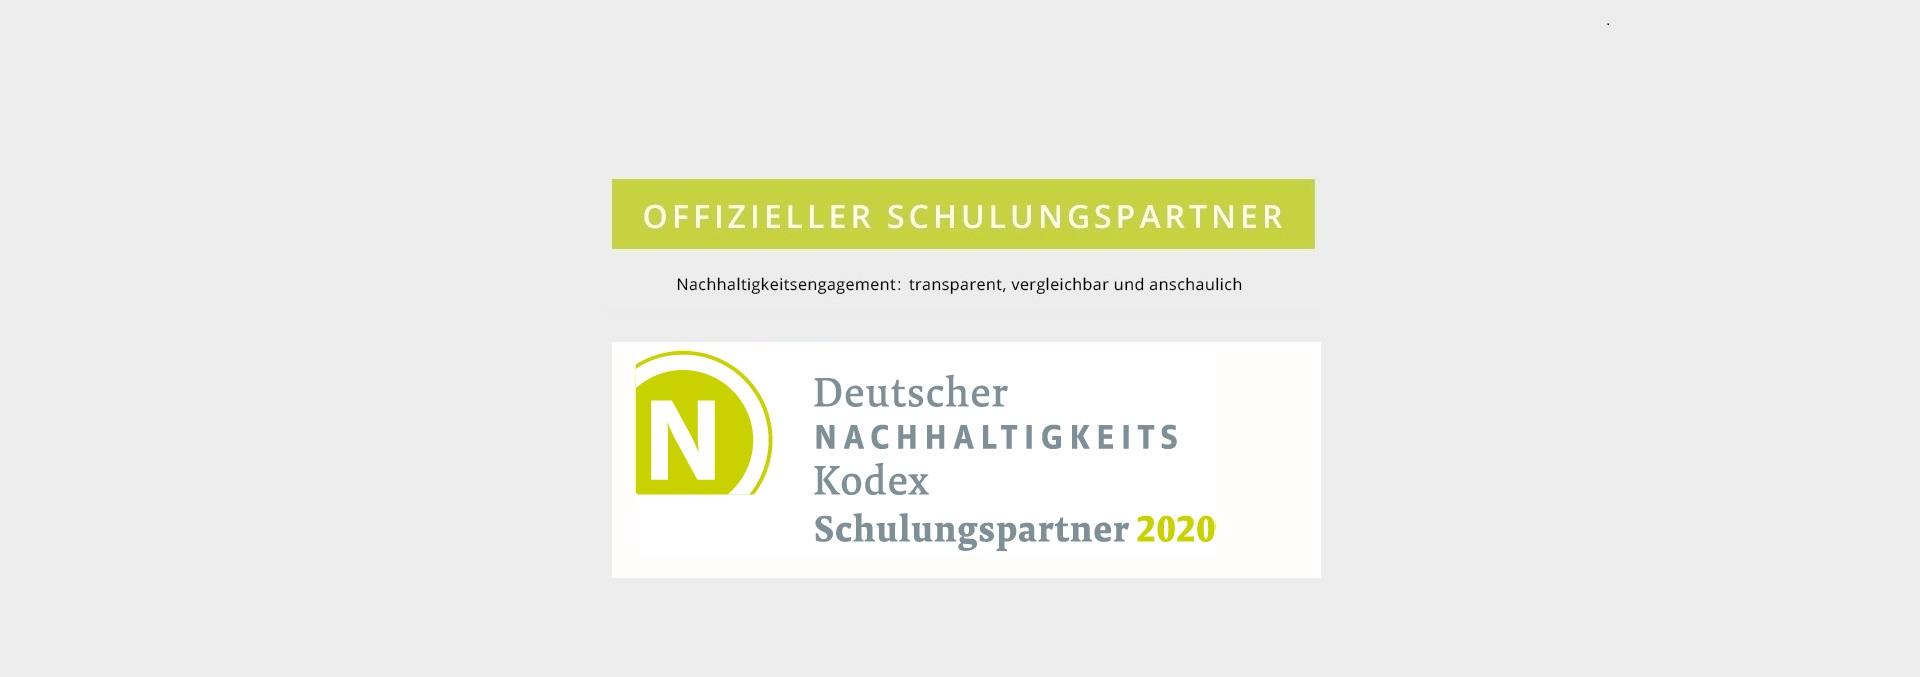 Deutscher Nachhaltigkeit Kodex